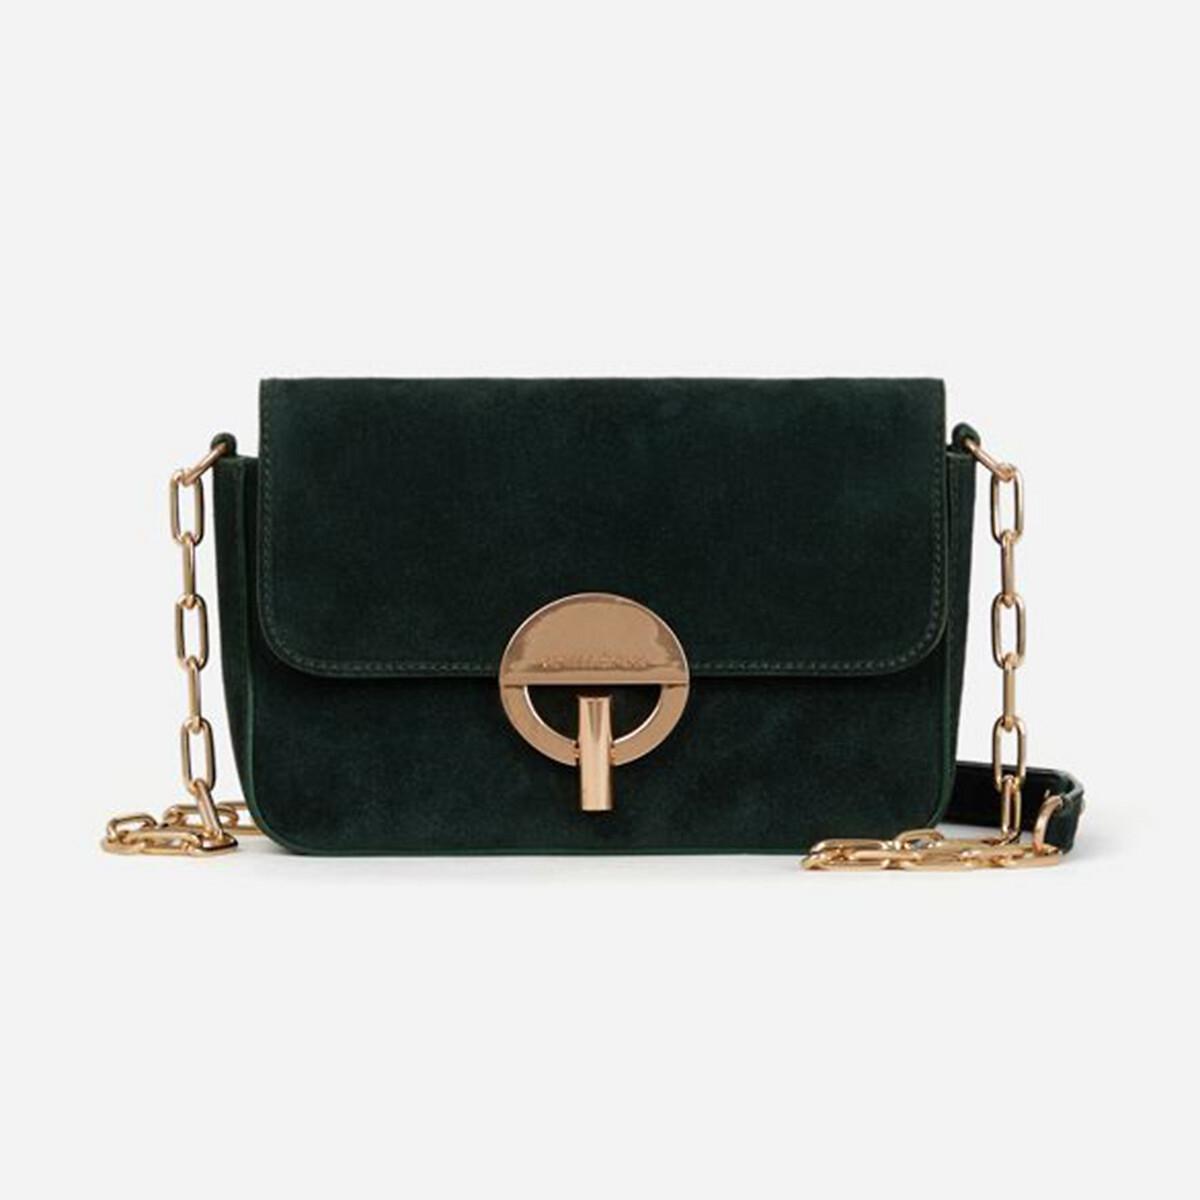 Сумка LaRedoute С ремешком и замши MOON единый размер зеленый сумка шоппер laredoute из джута с надписью gypsy единый размер бежевый